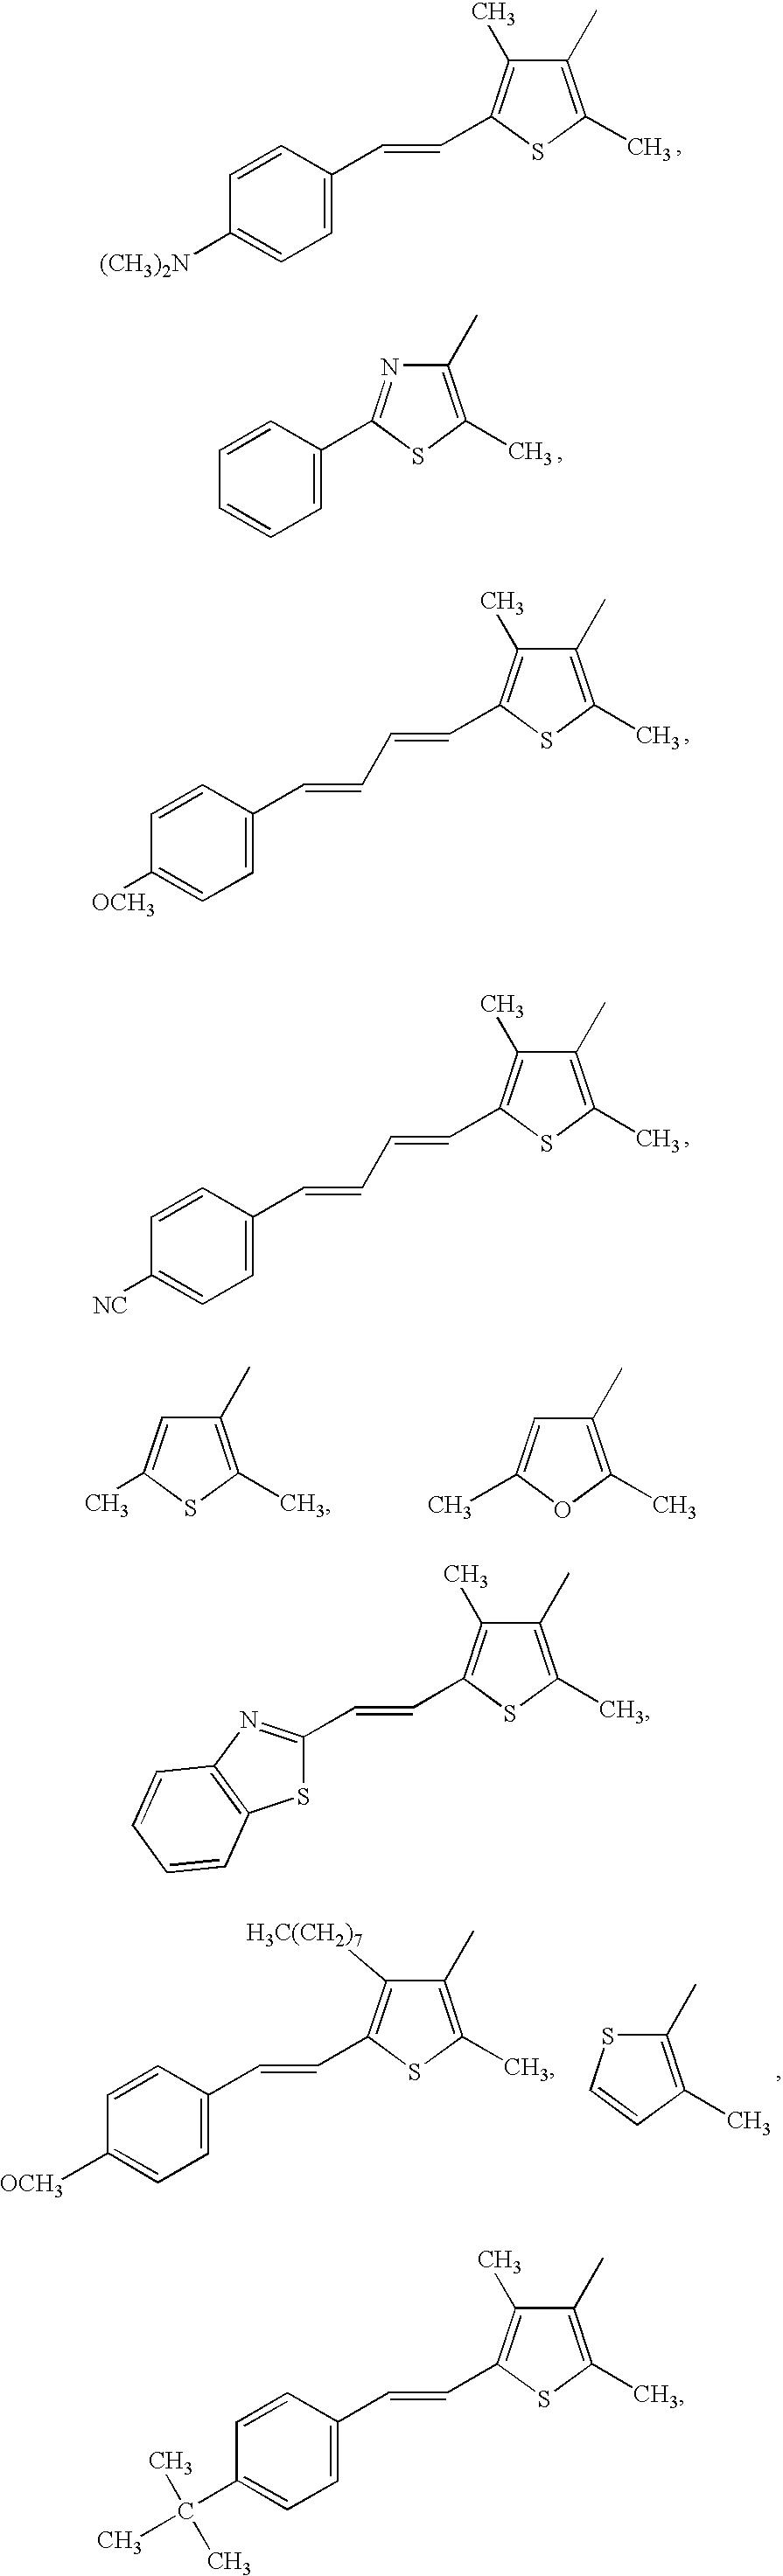 Figure US20060053975A1-20060316-C00008